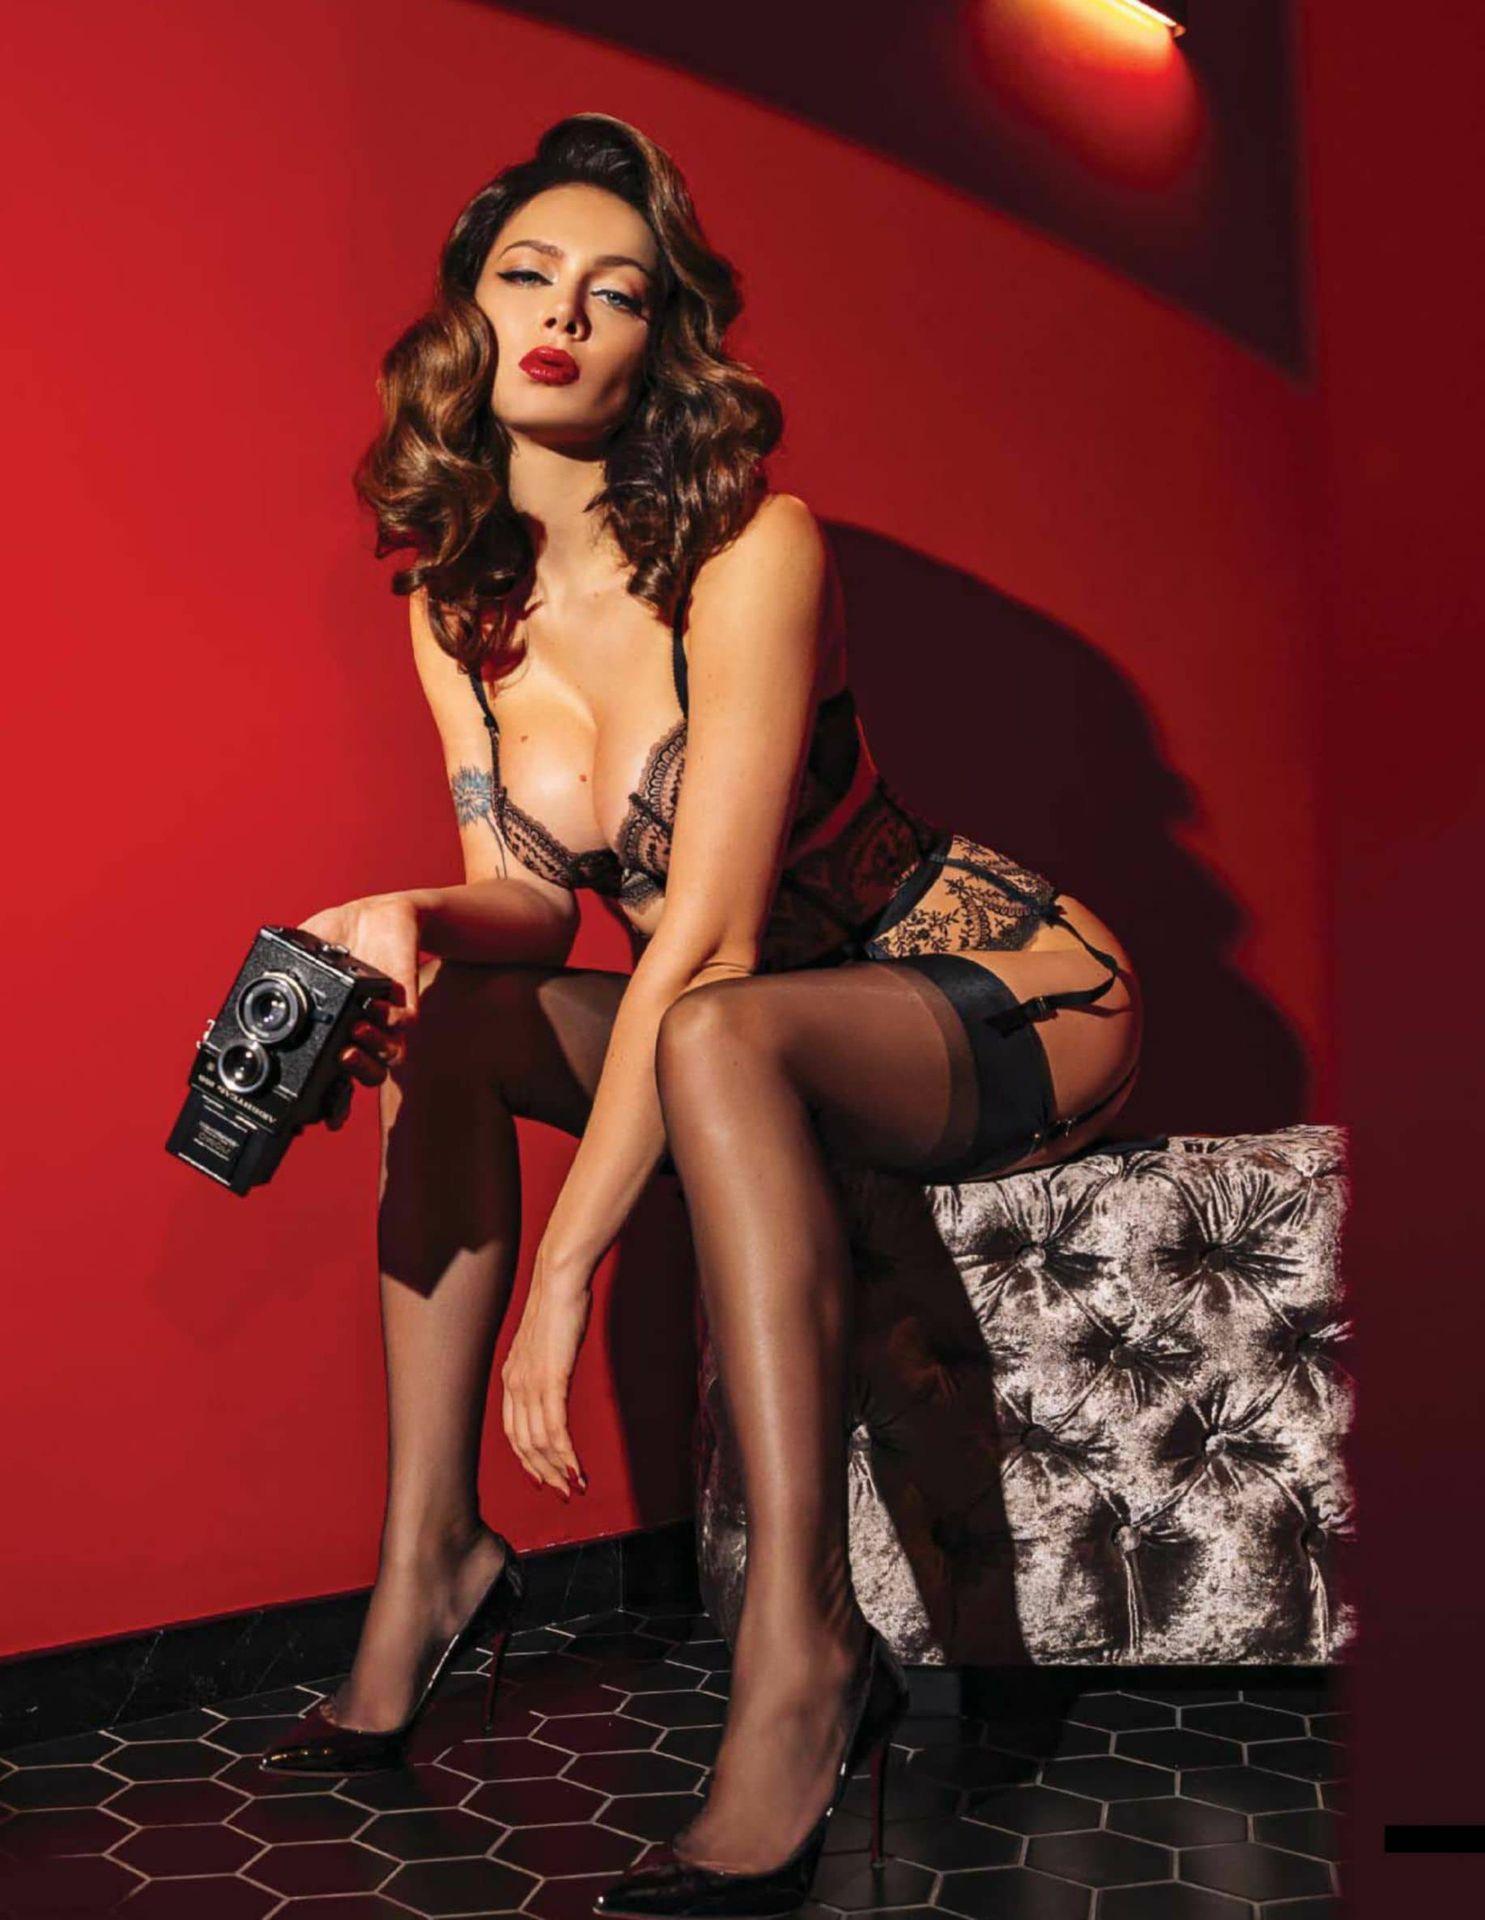 Nastassja-Samburskaya-Sexy-Topless-The-Fappening-Blog-2